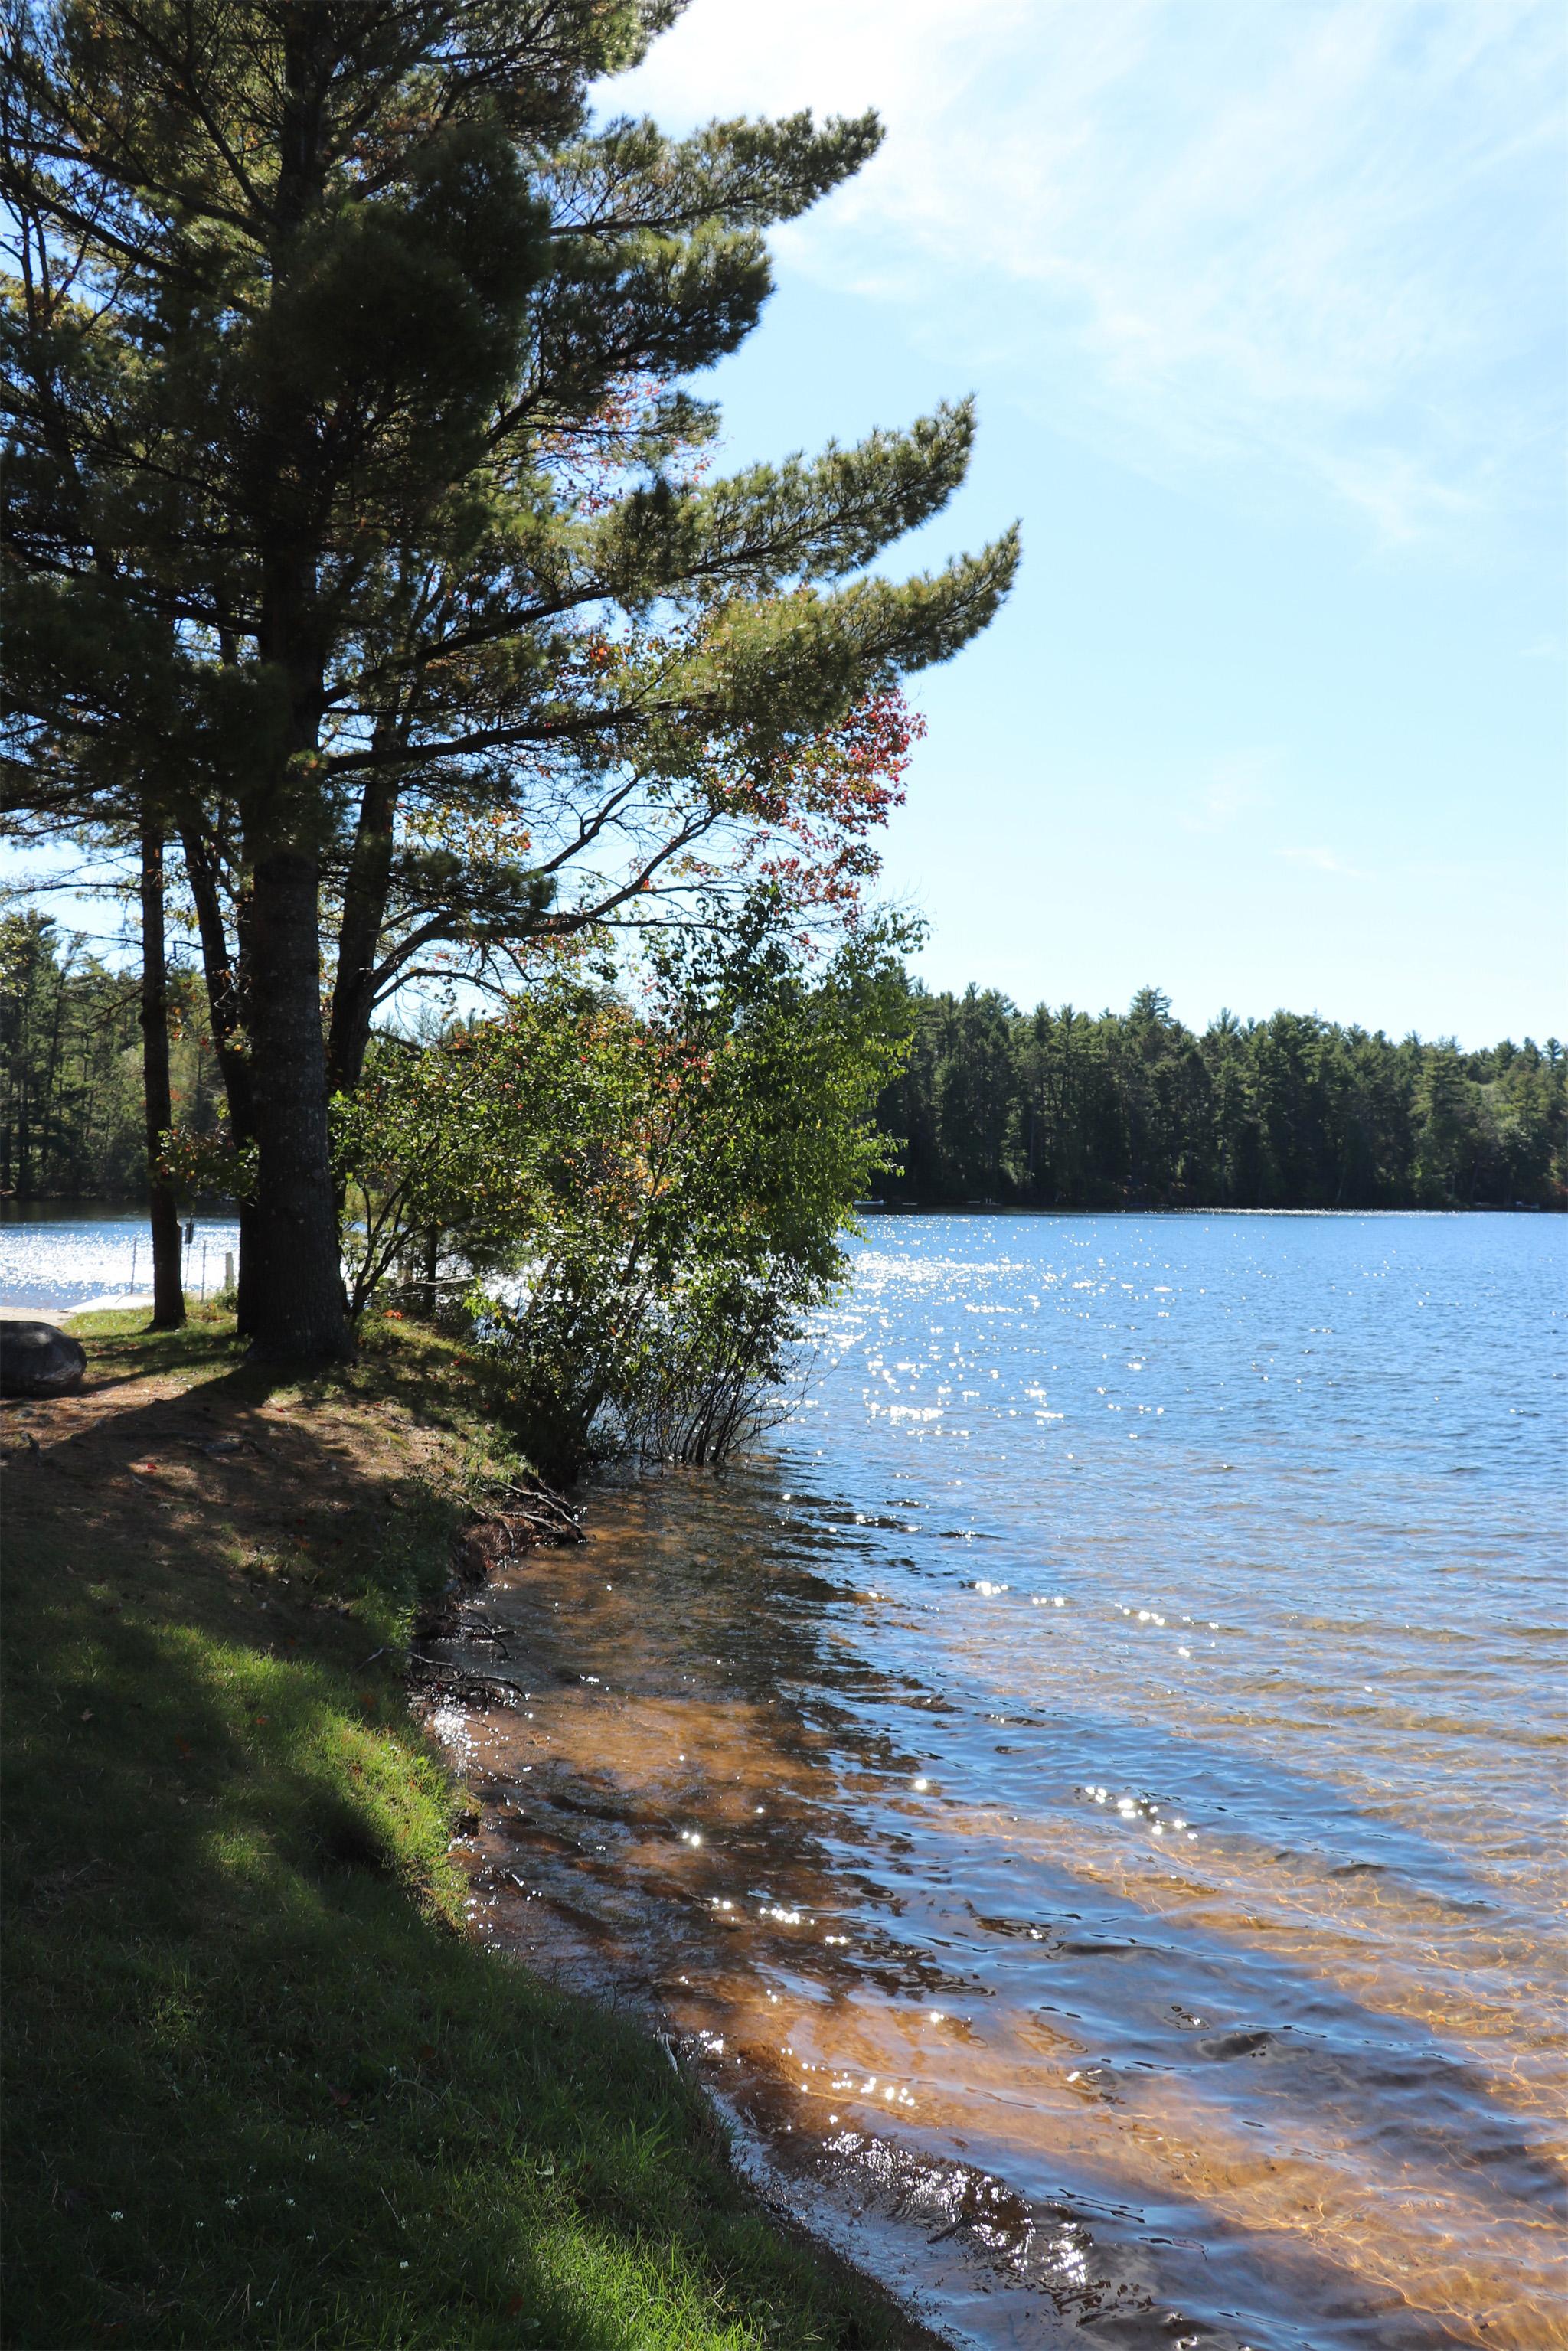 A peaceful view of Buffalo Lake, Woodruff. Kim Johnson photo